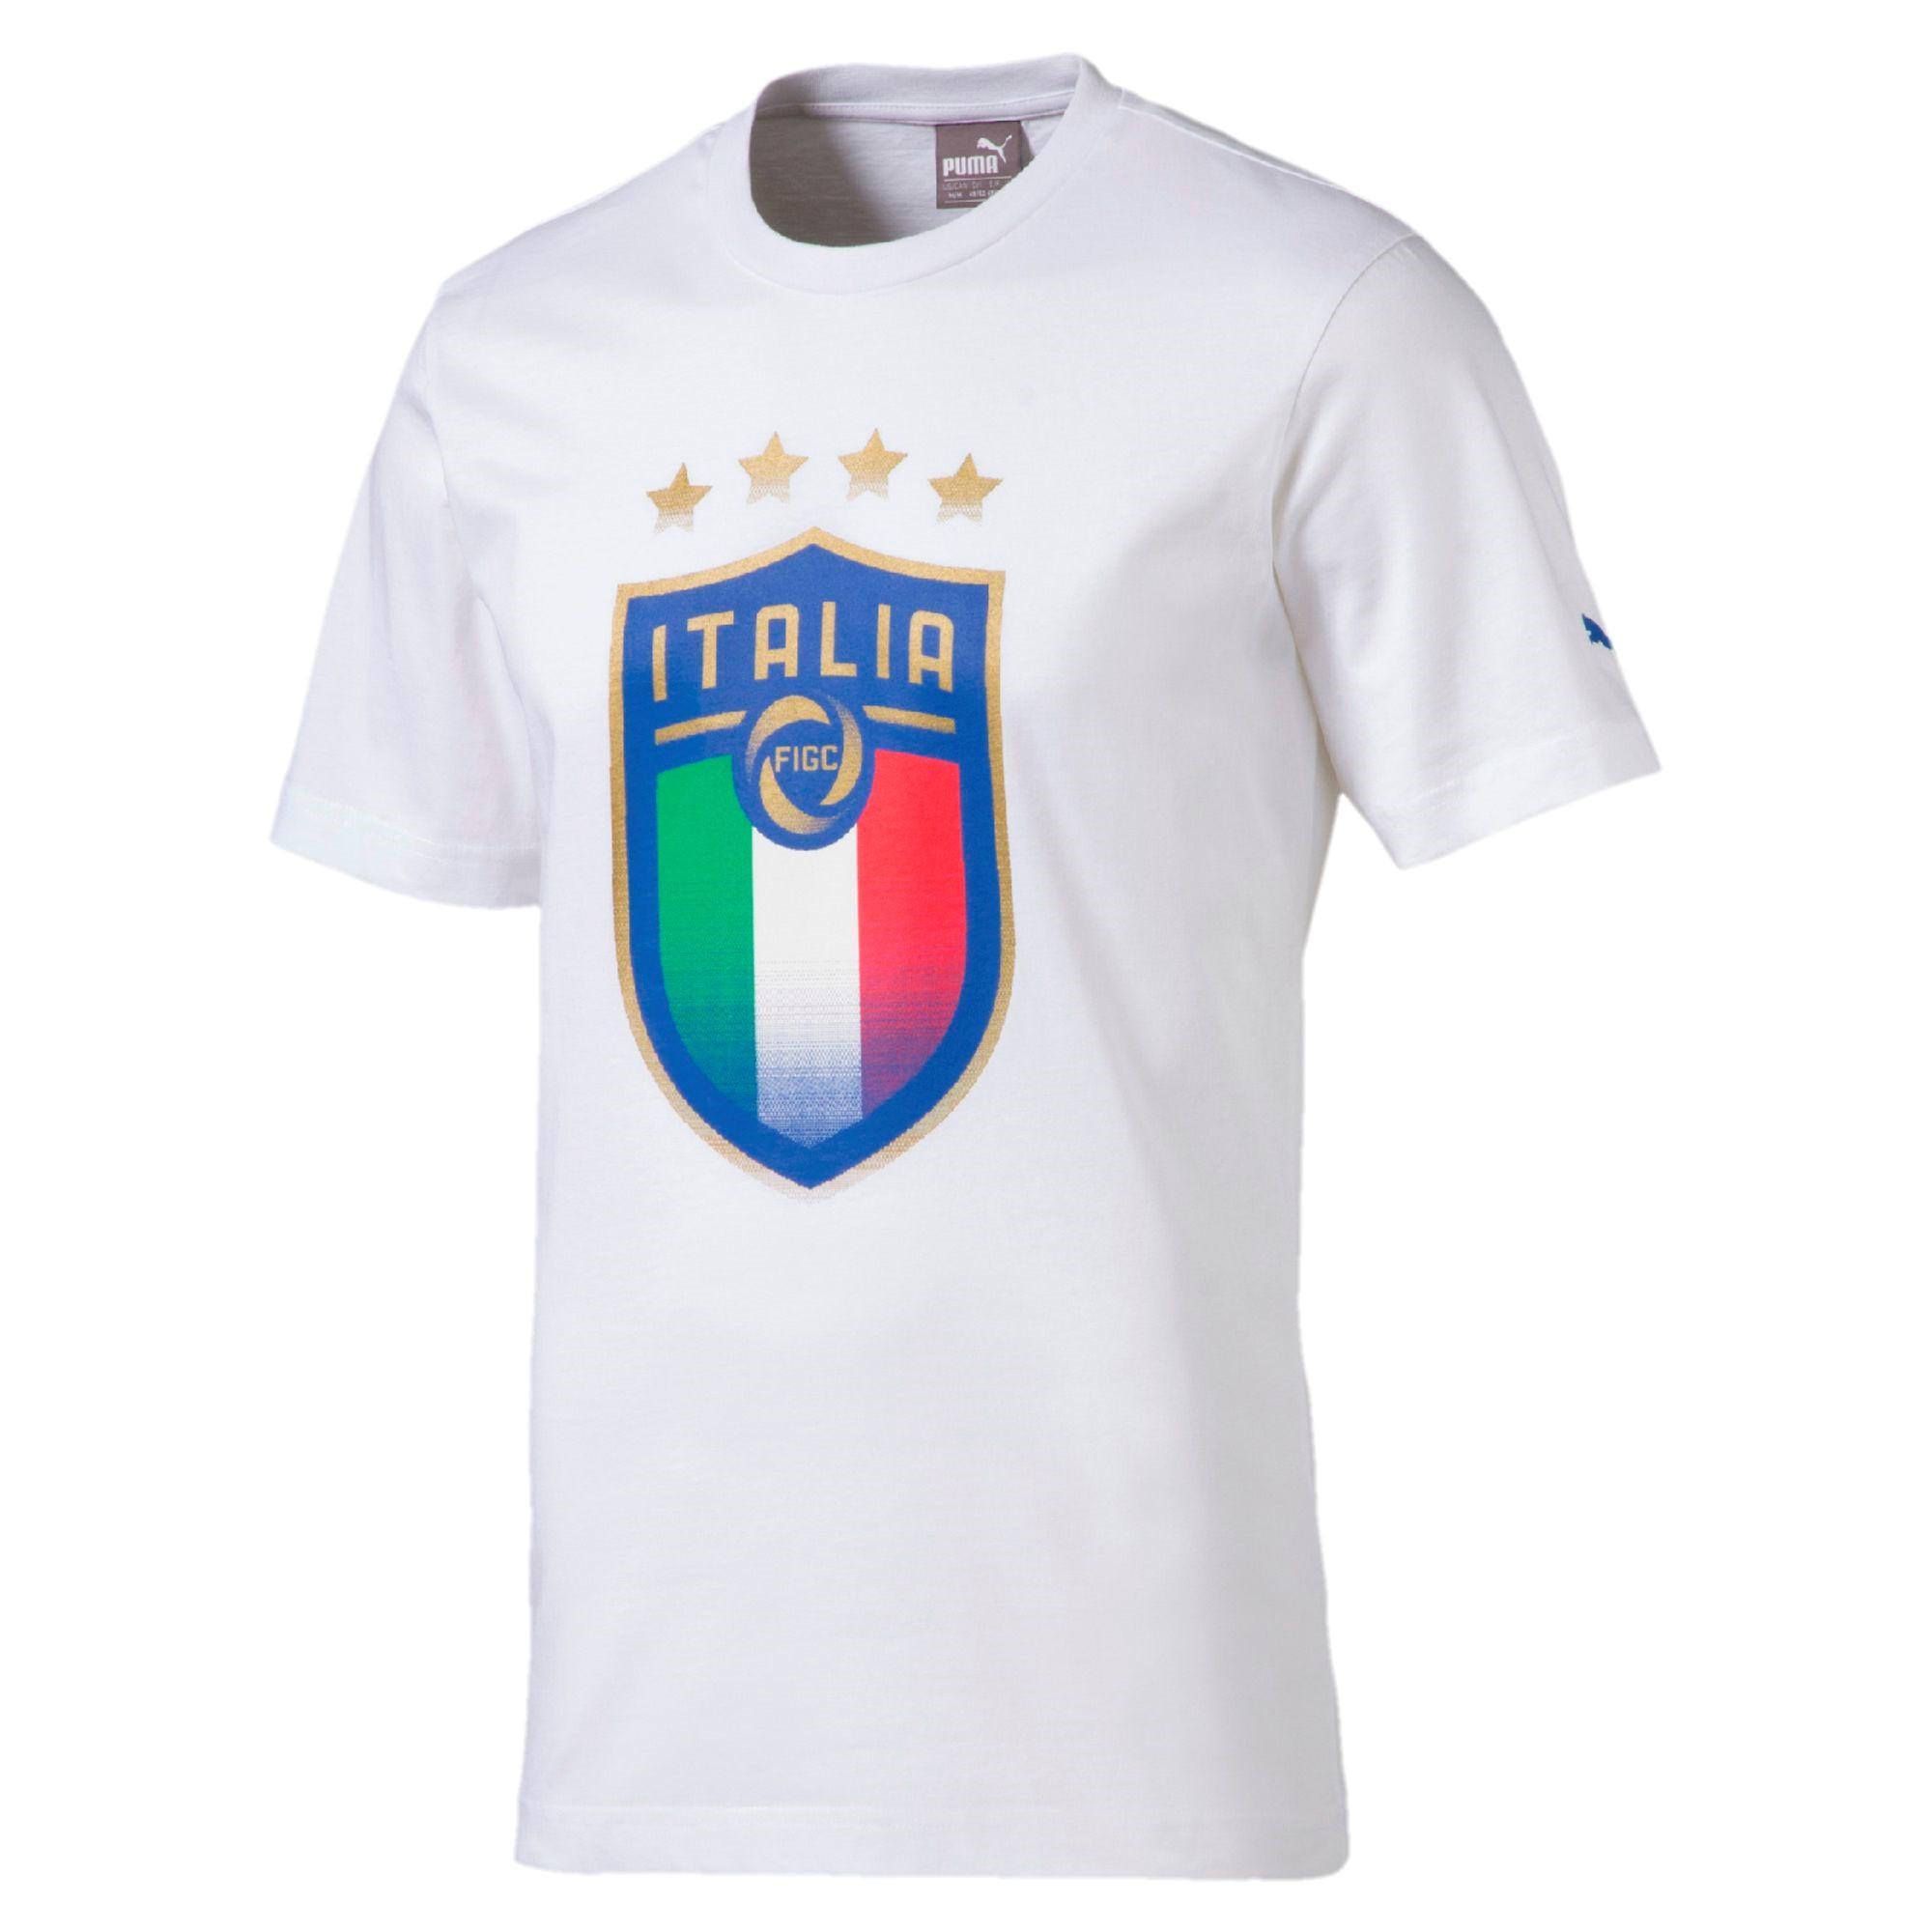 60b17dd7b0fc Puma T-shirt Badge Tee Italy Puma White - Tifoshop.com